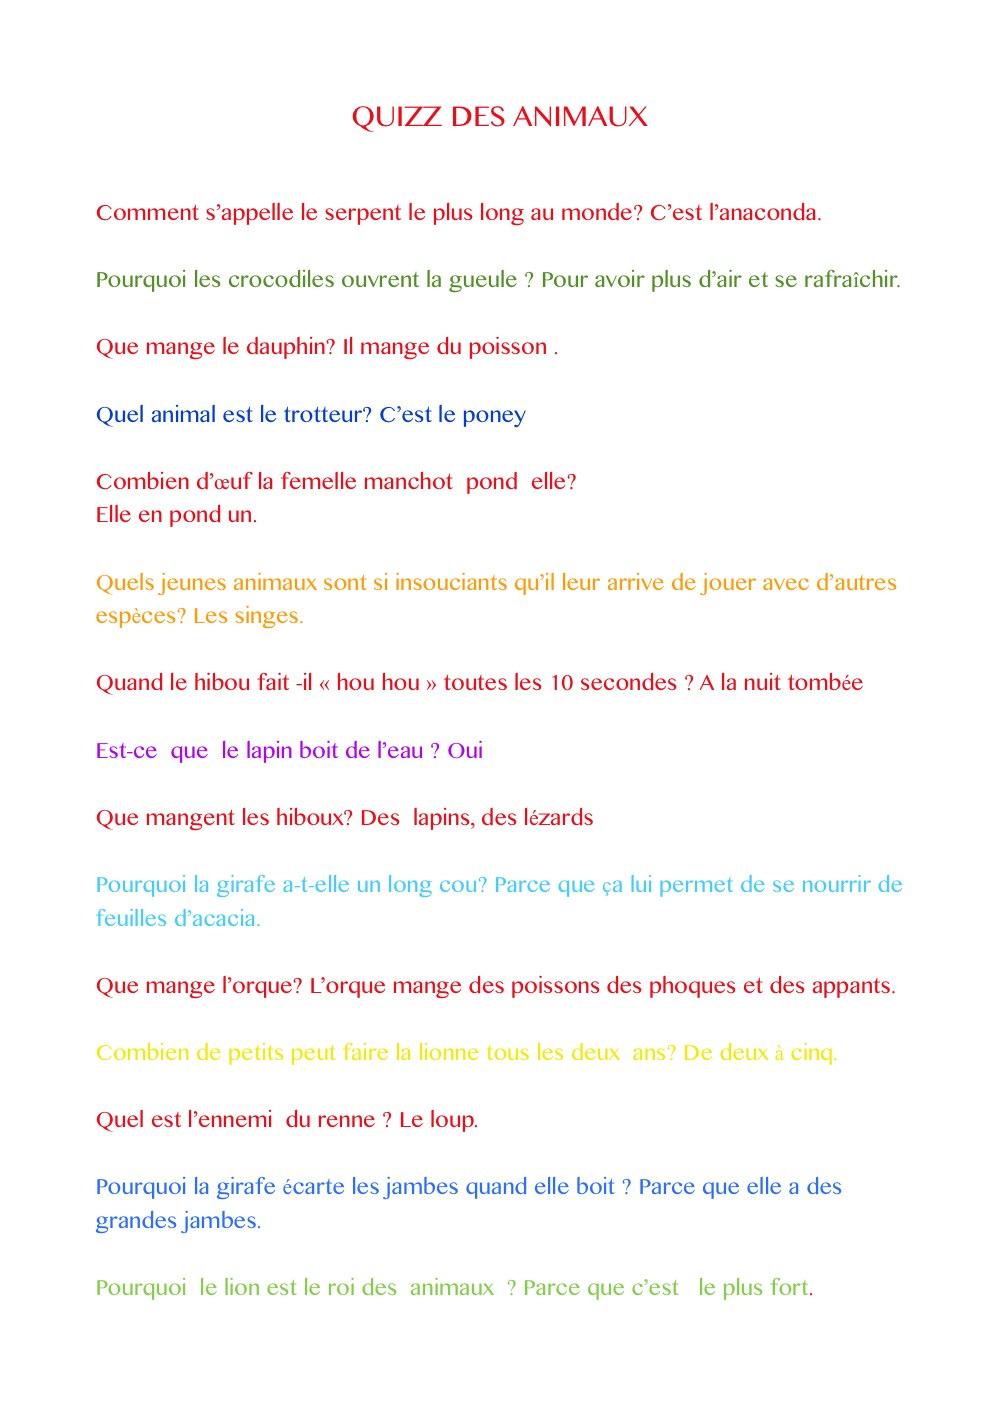 Ecole Maternelle Et Primaire Saint Valérien Tournus (71 concernant Quizz Pour Maternelle